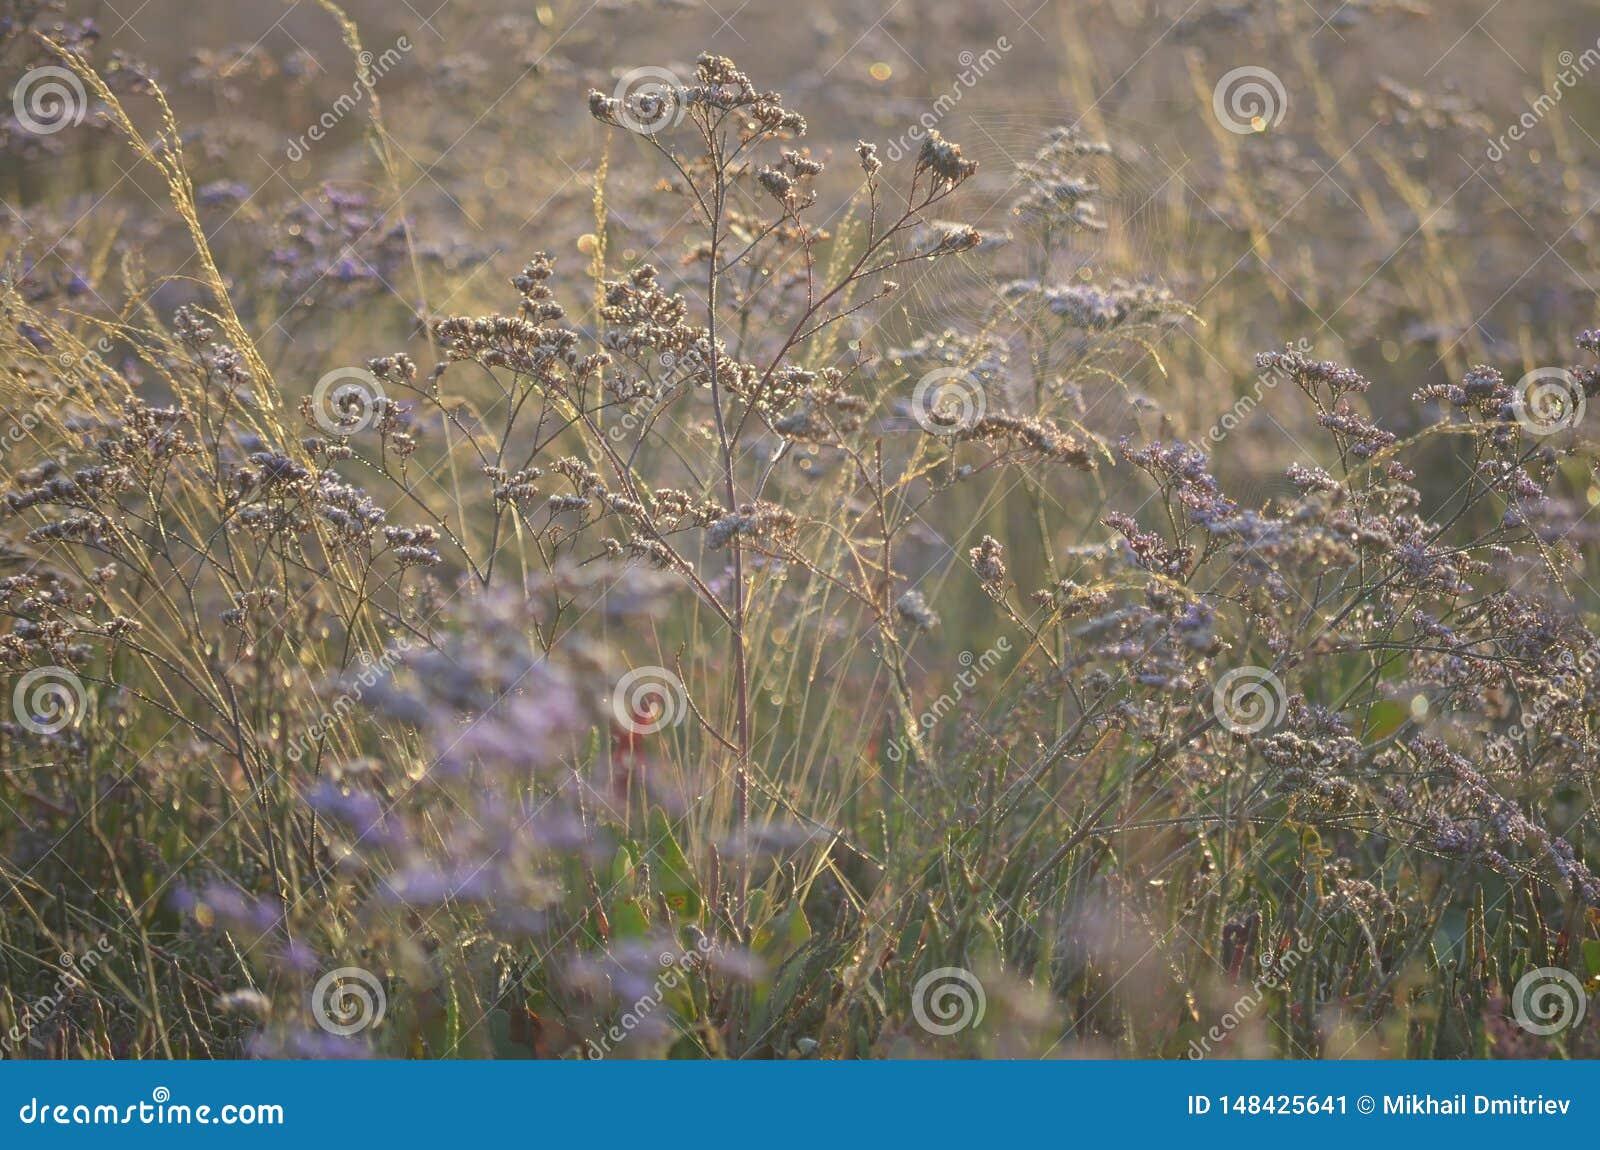 Wild meadow flowers in the sunlight